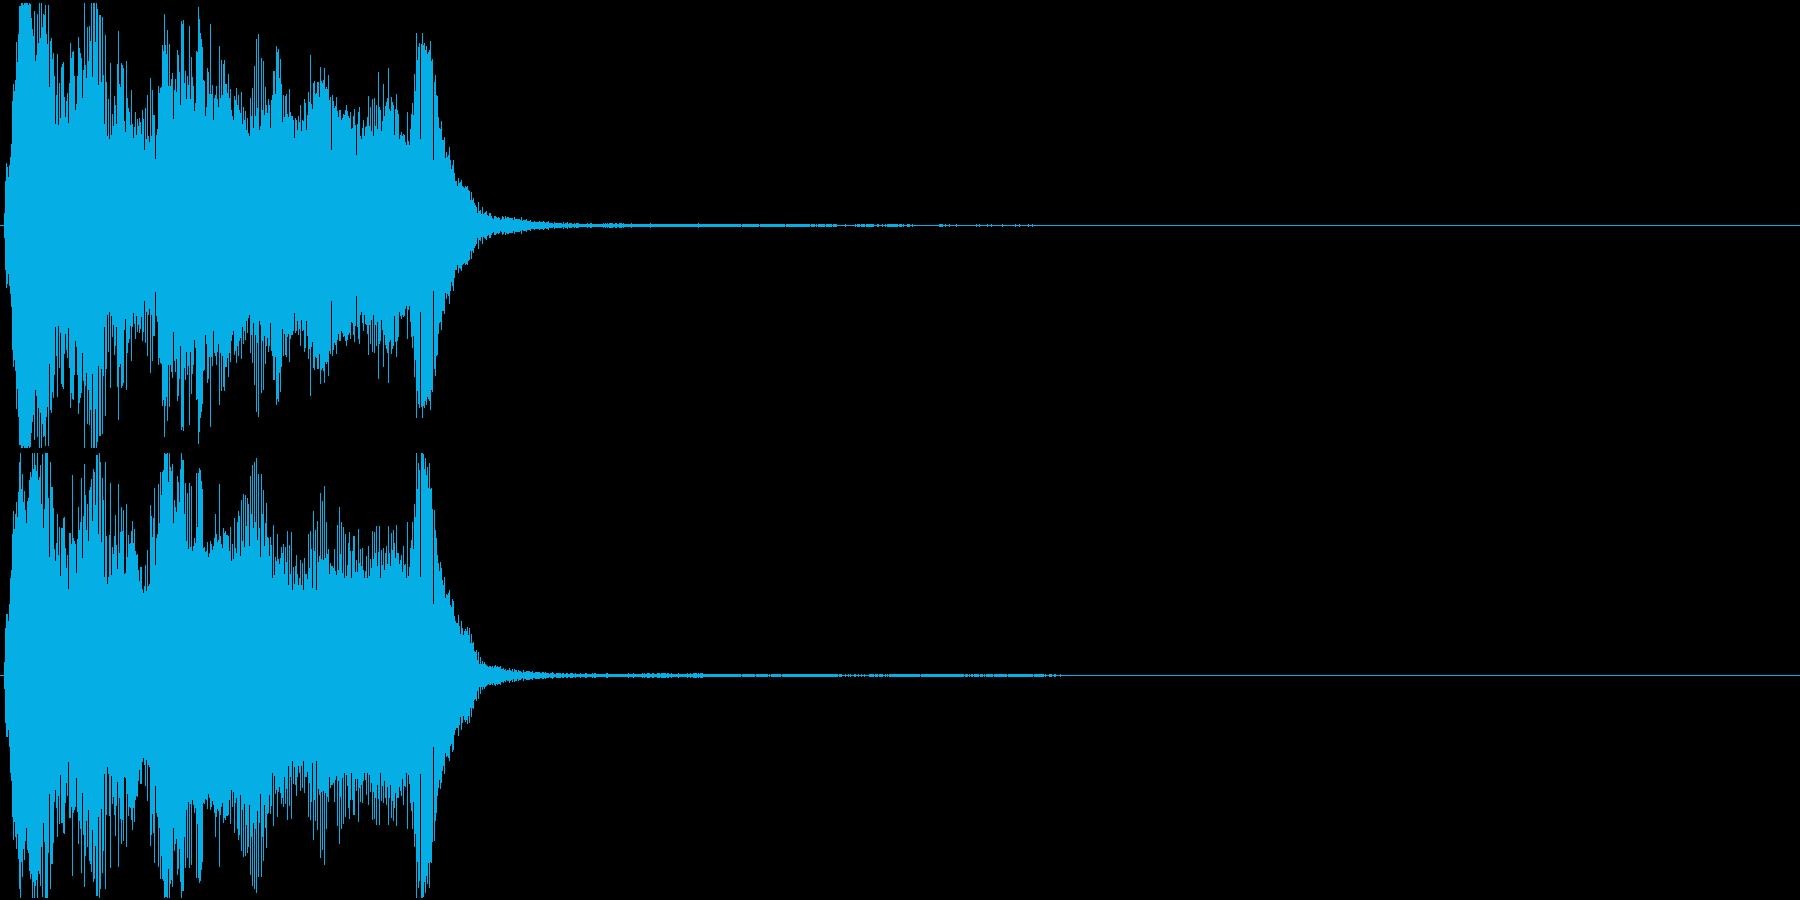 トランペット ファンファーレ 定番 10の再生済みの波形